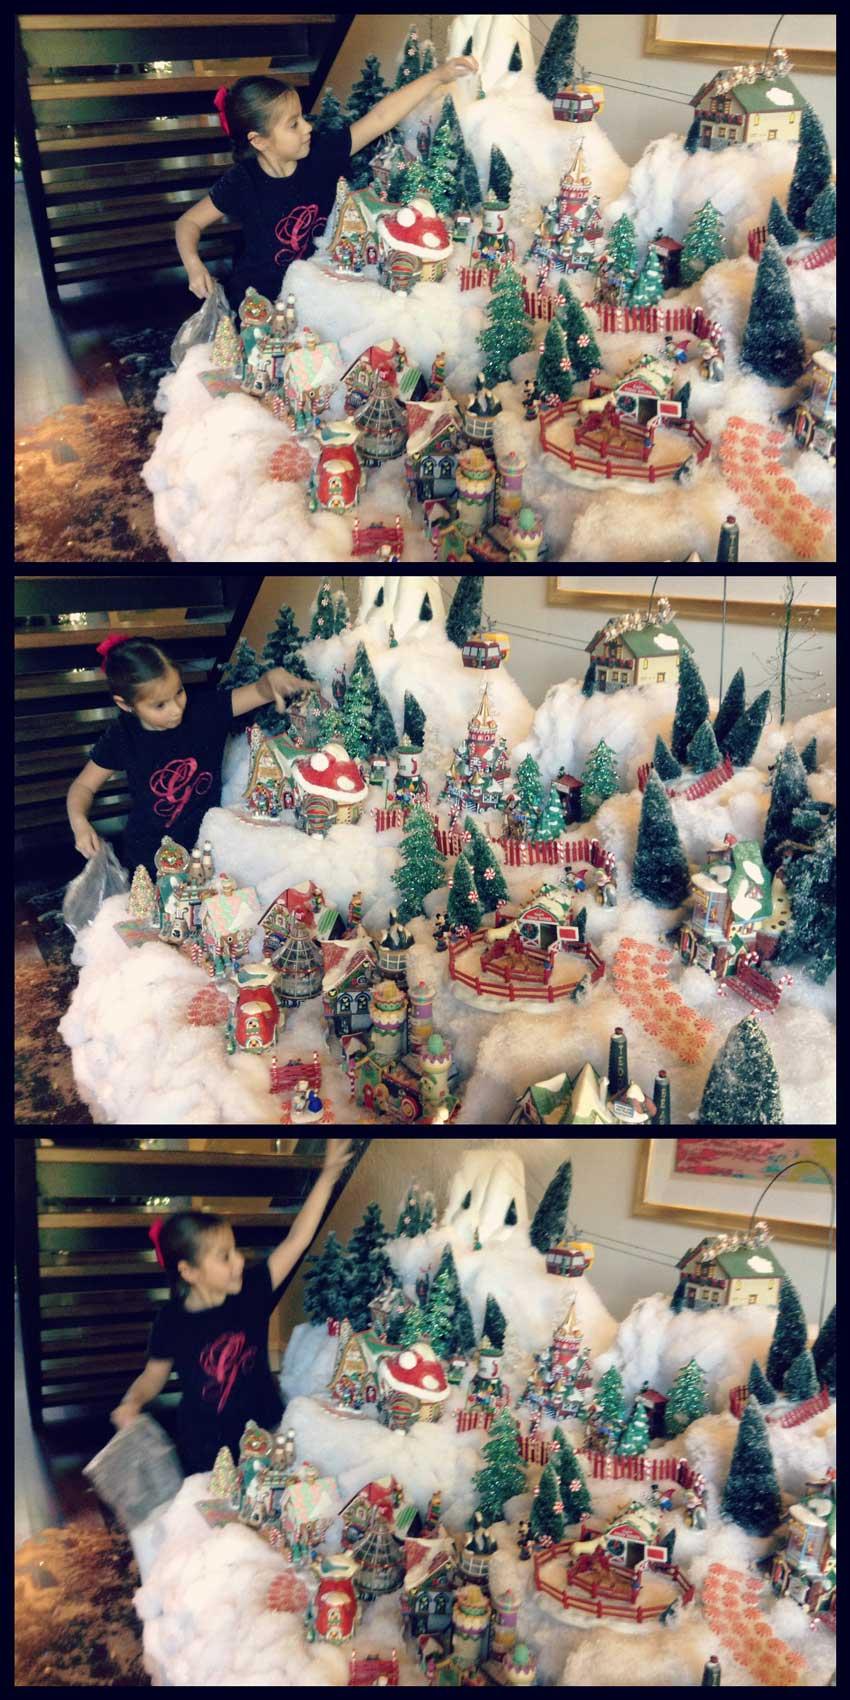 Navidad-Christmas-Decoracion-Navideña-juliana-y-el-pueblito-coca-cola-nevado